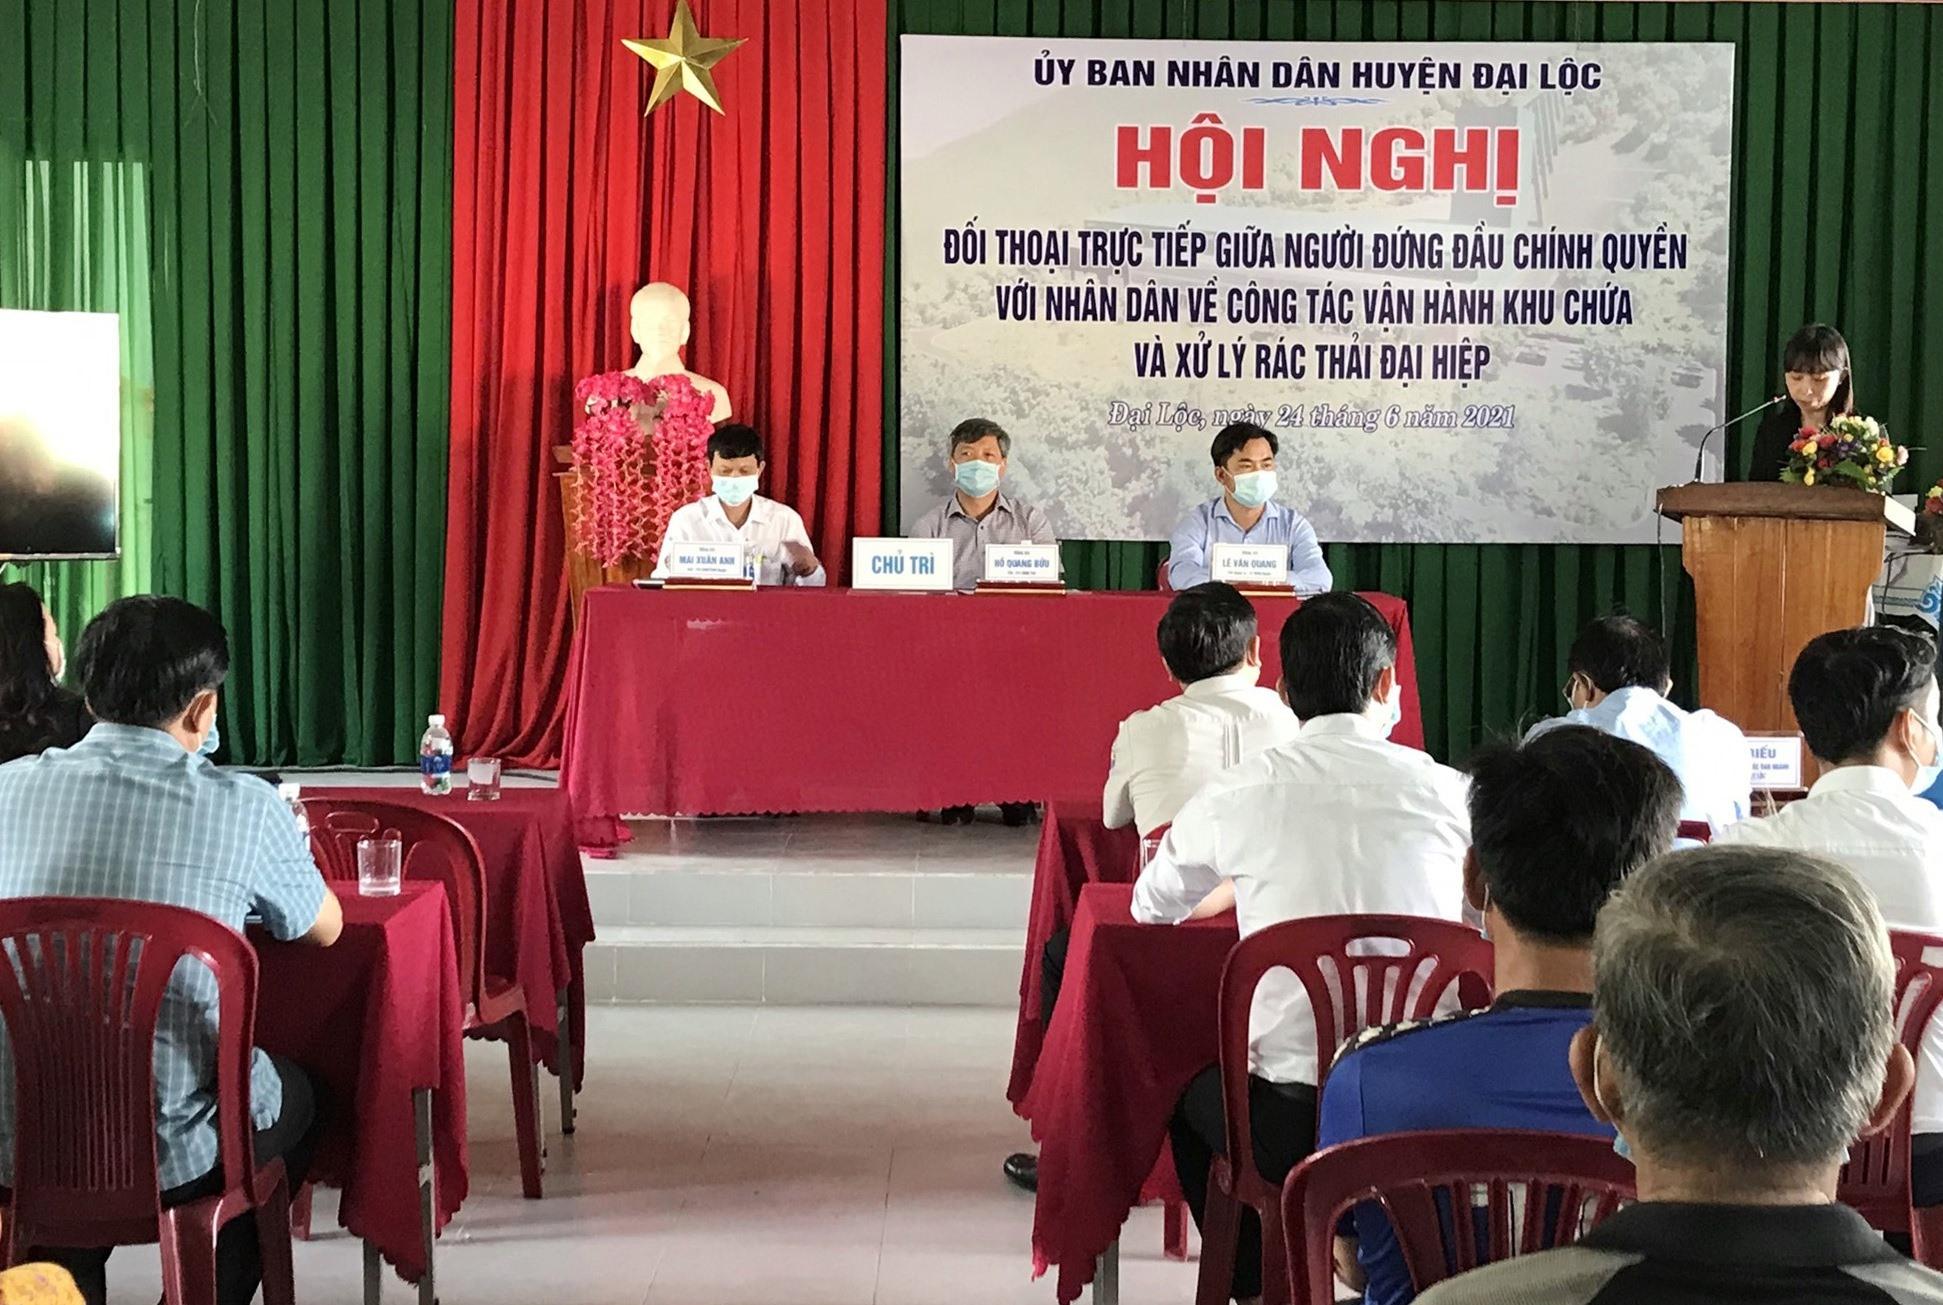 Chính quyền Đại Lộc cam kết sẽ nỗ lực hết sức nhằm giải quyết vấn đề ô nhiễm tại thôn Phú Quý nói riêng. Ảnh: X.TRINH